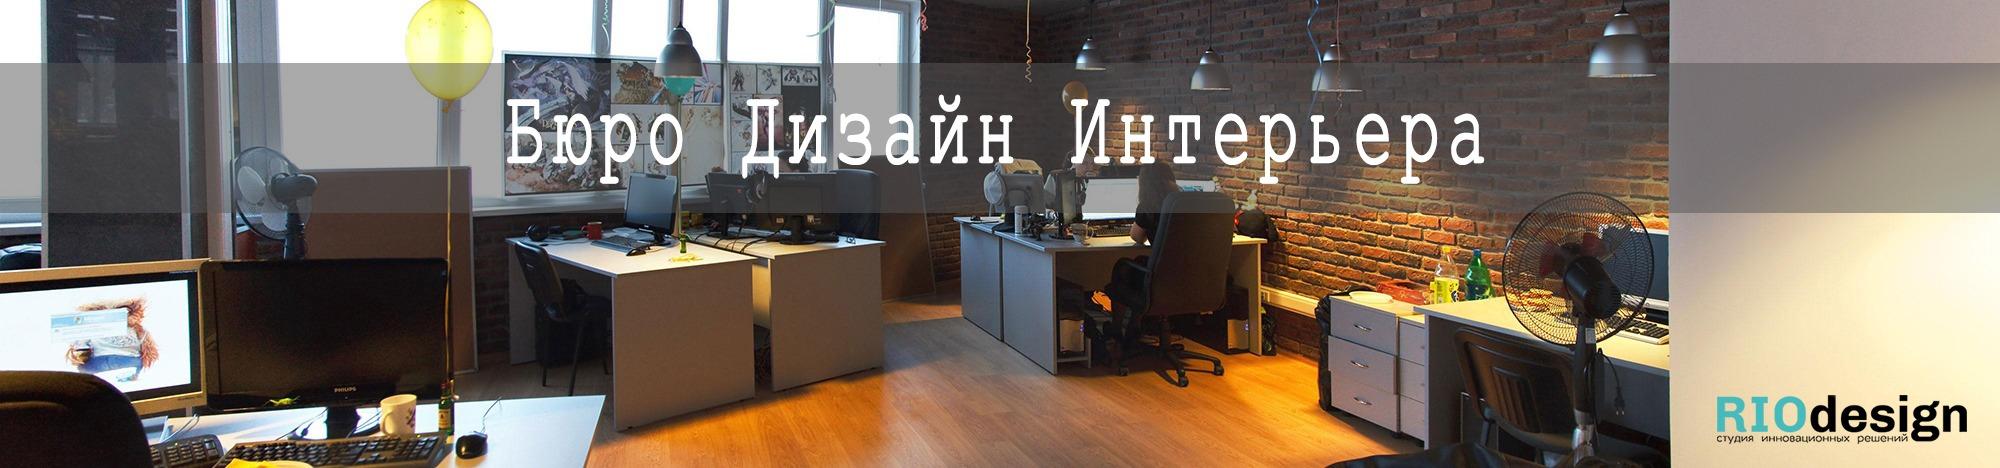 бюро дизайн интерьера